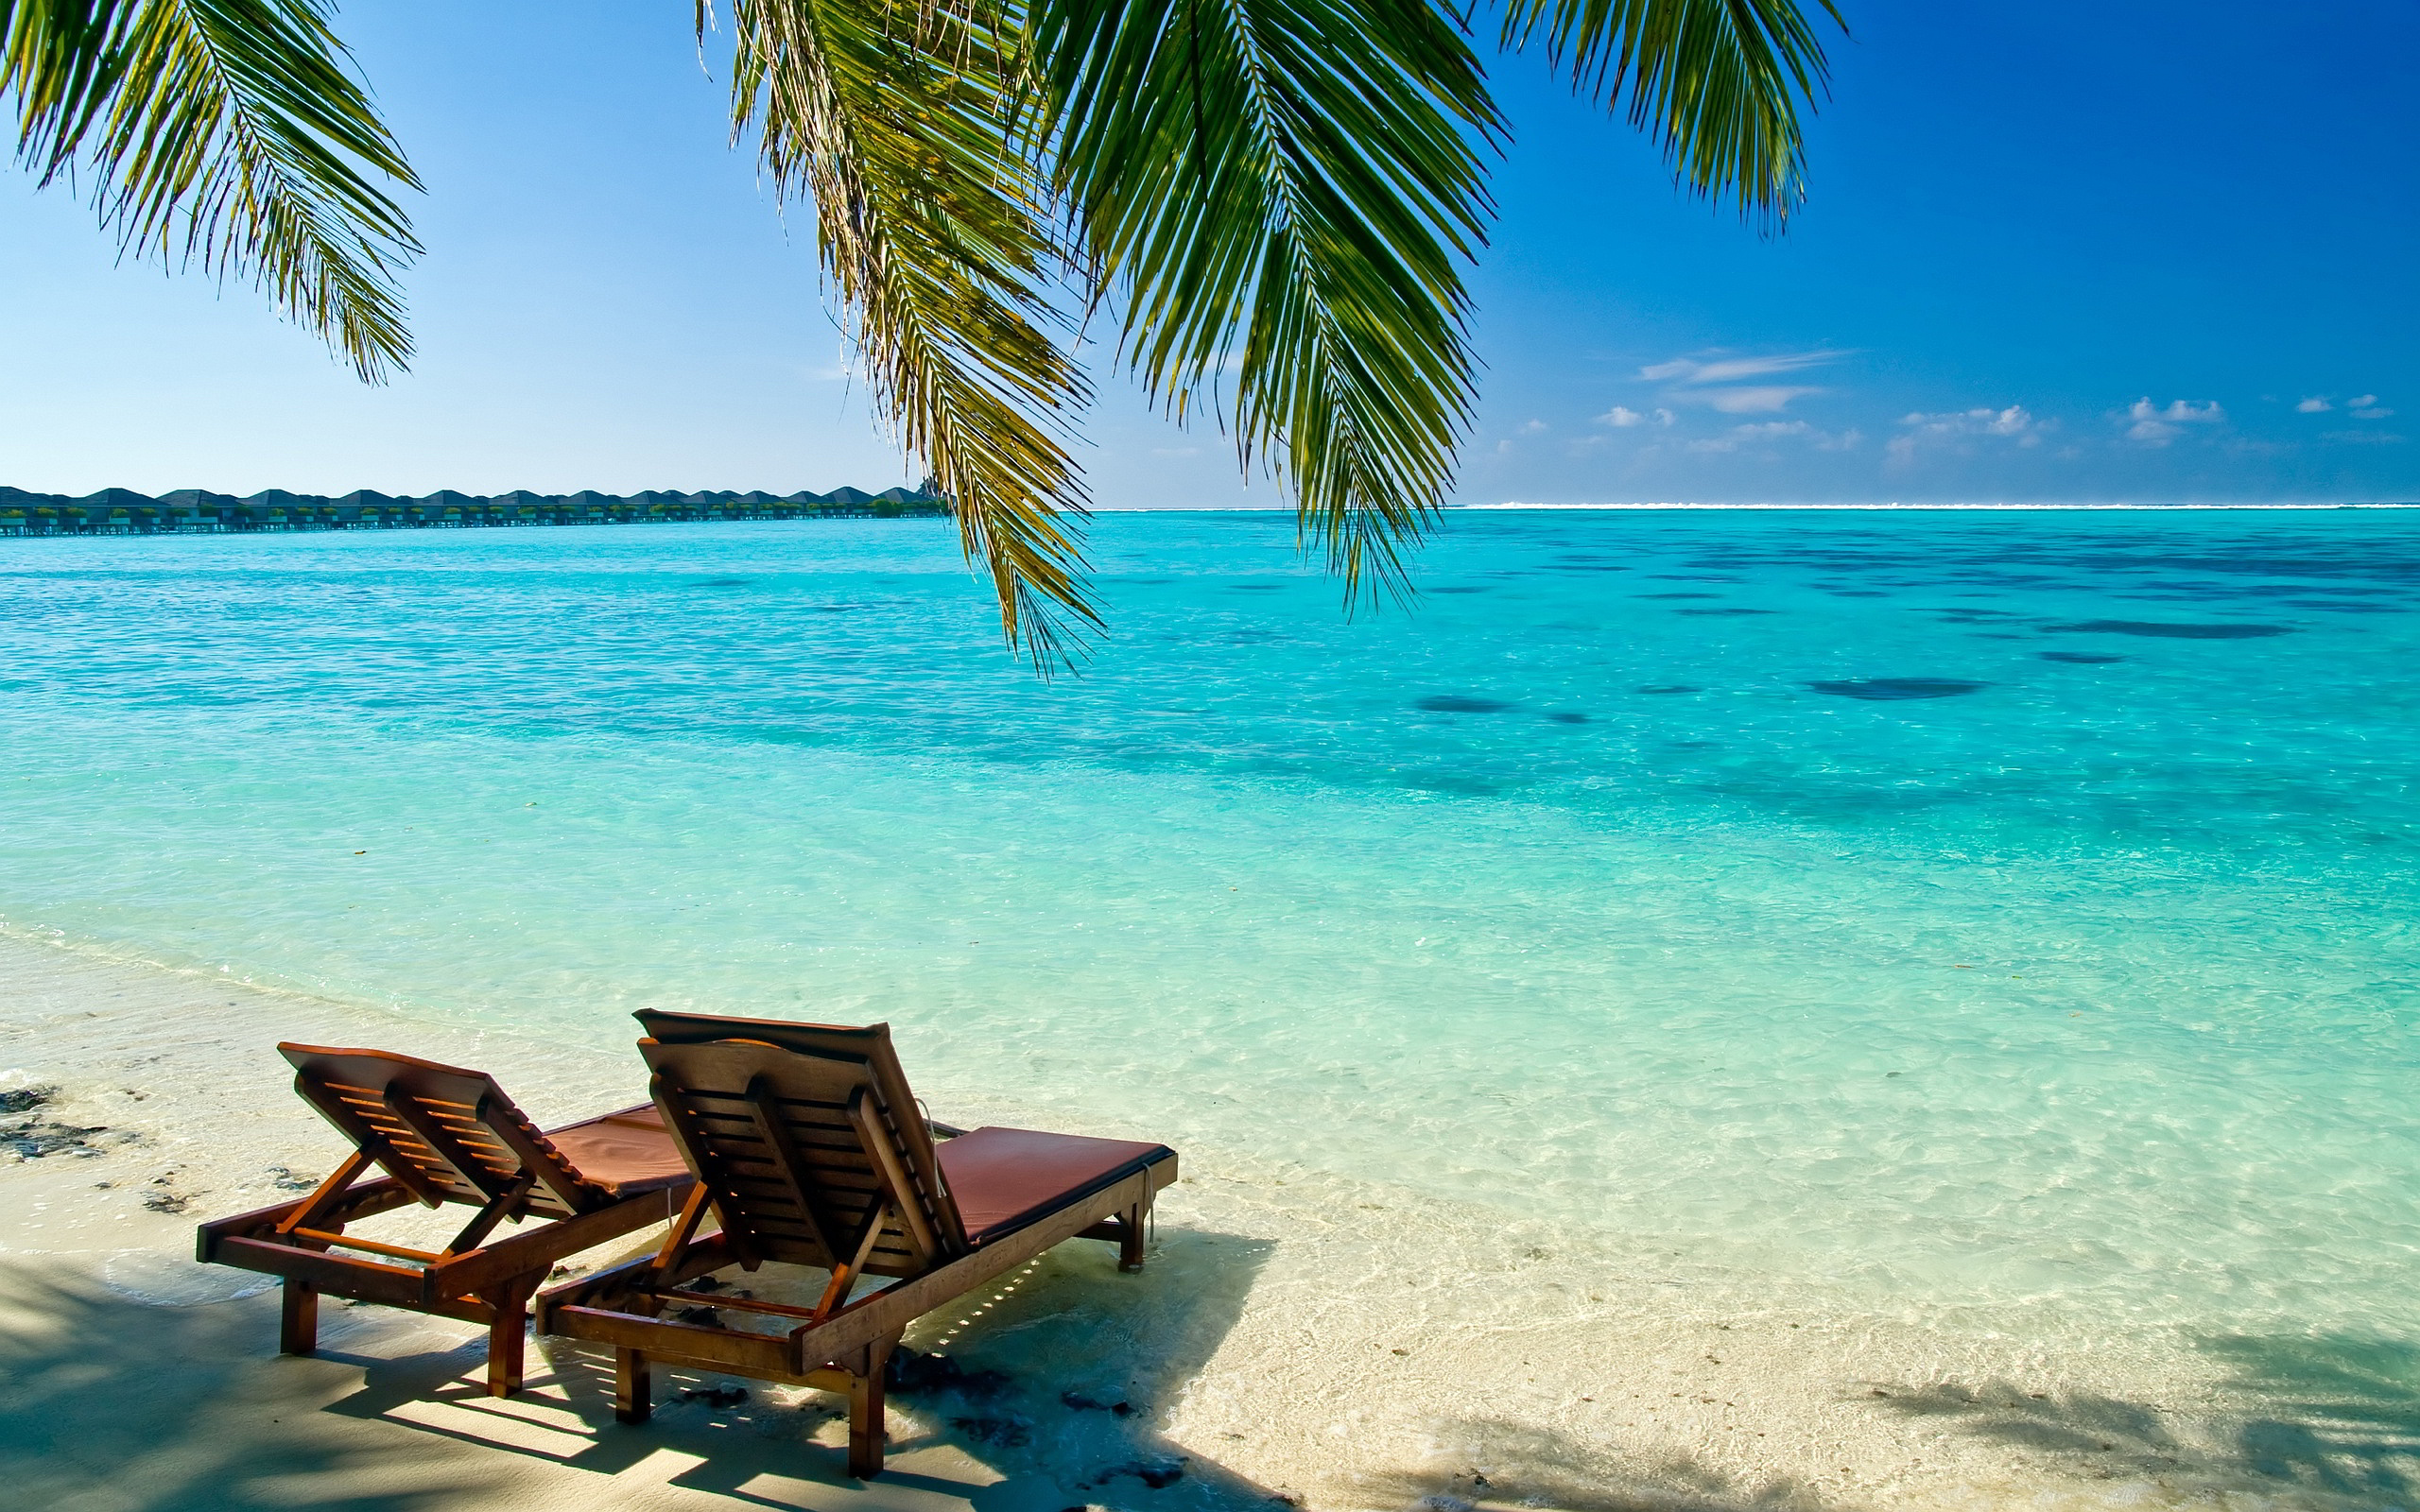 maldives-tropical-beach